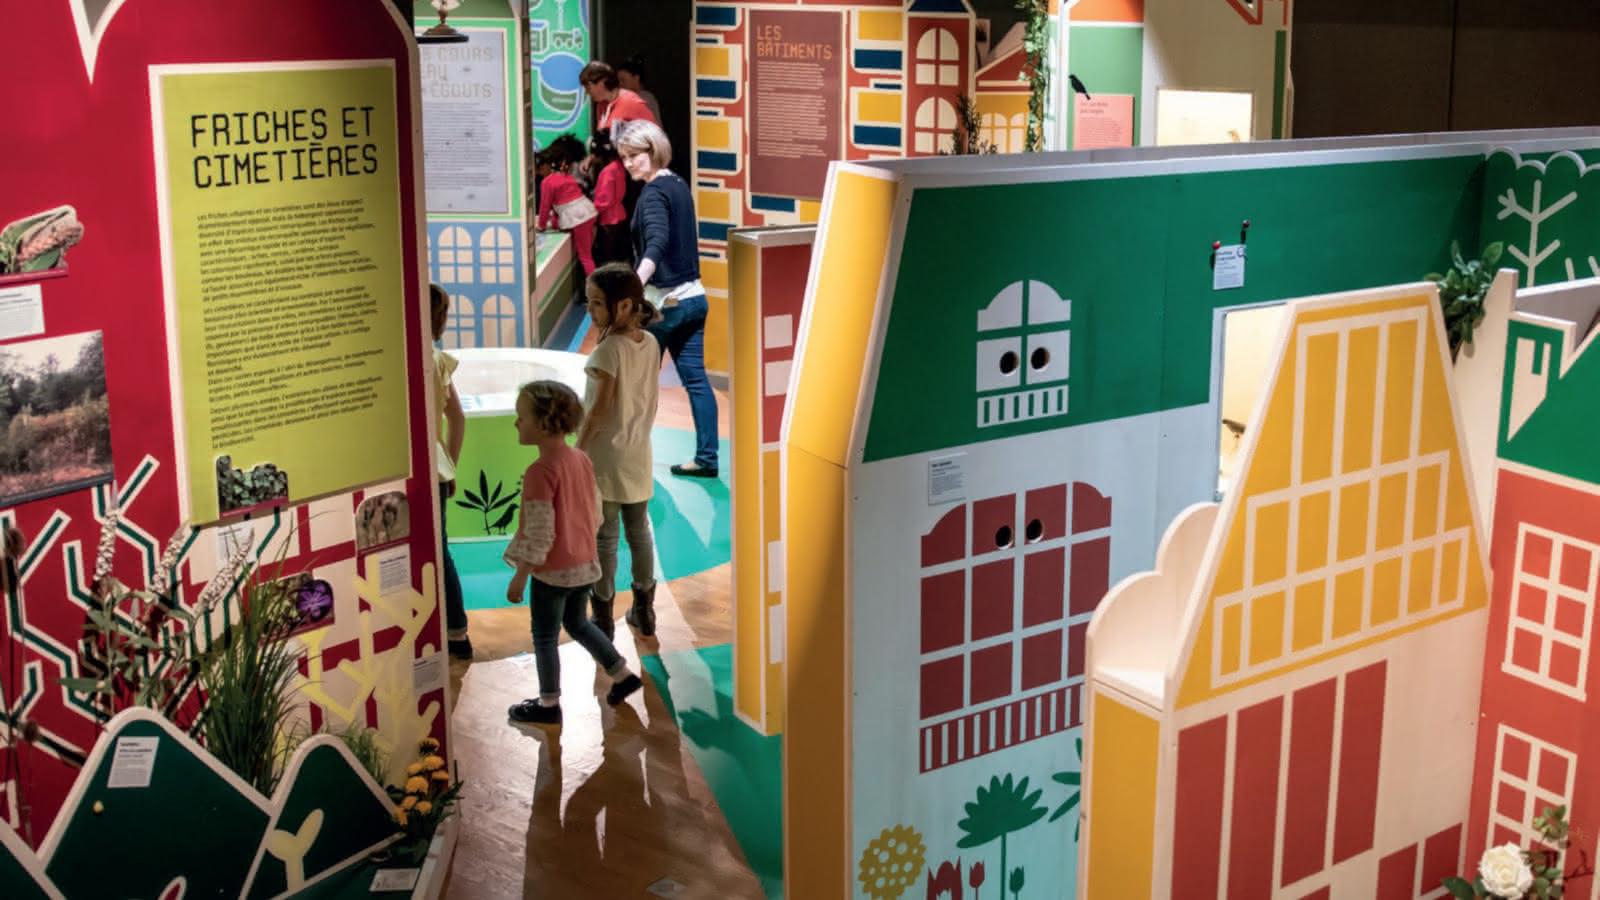 Muséum Henri-Lecoq - Graine de science : Petite histoire au muséum